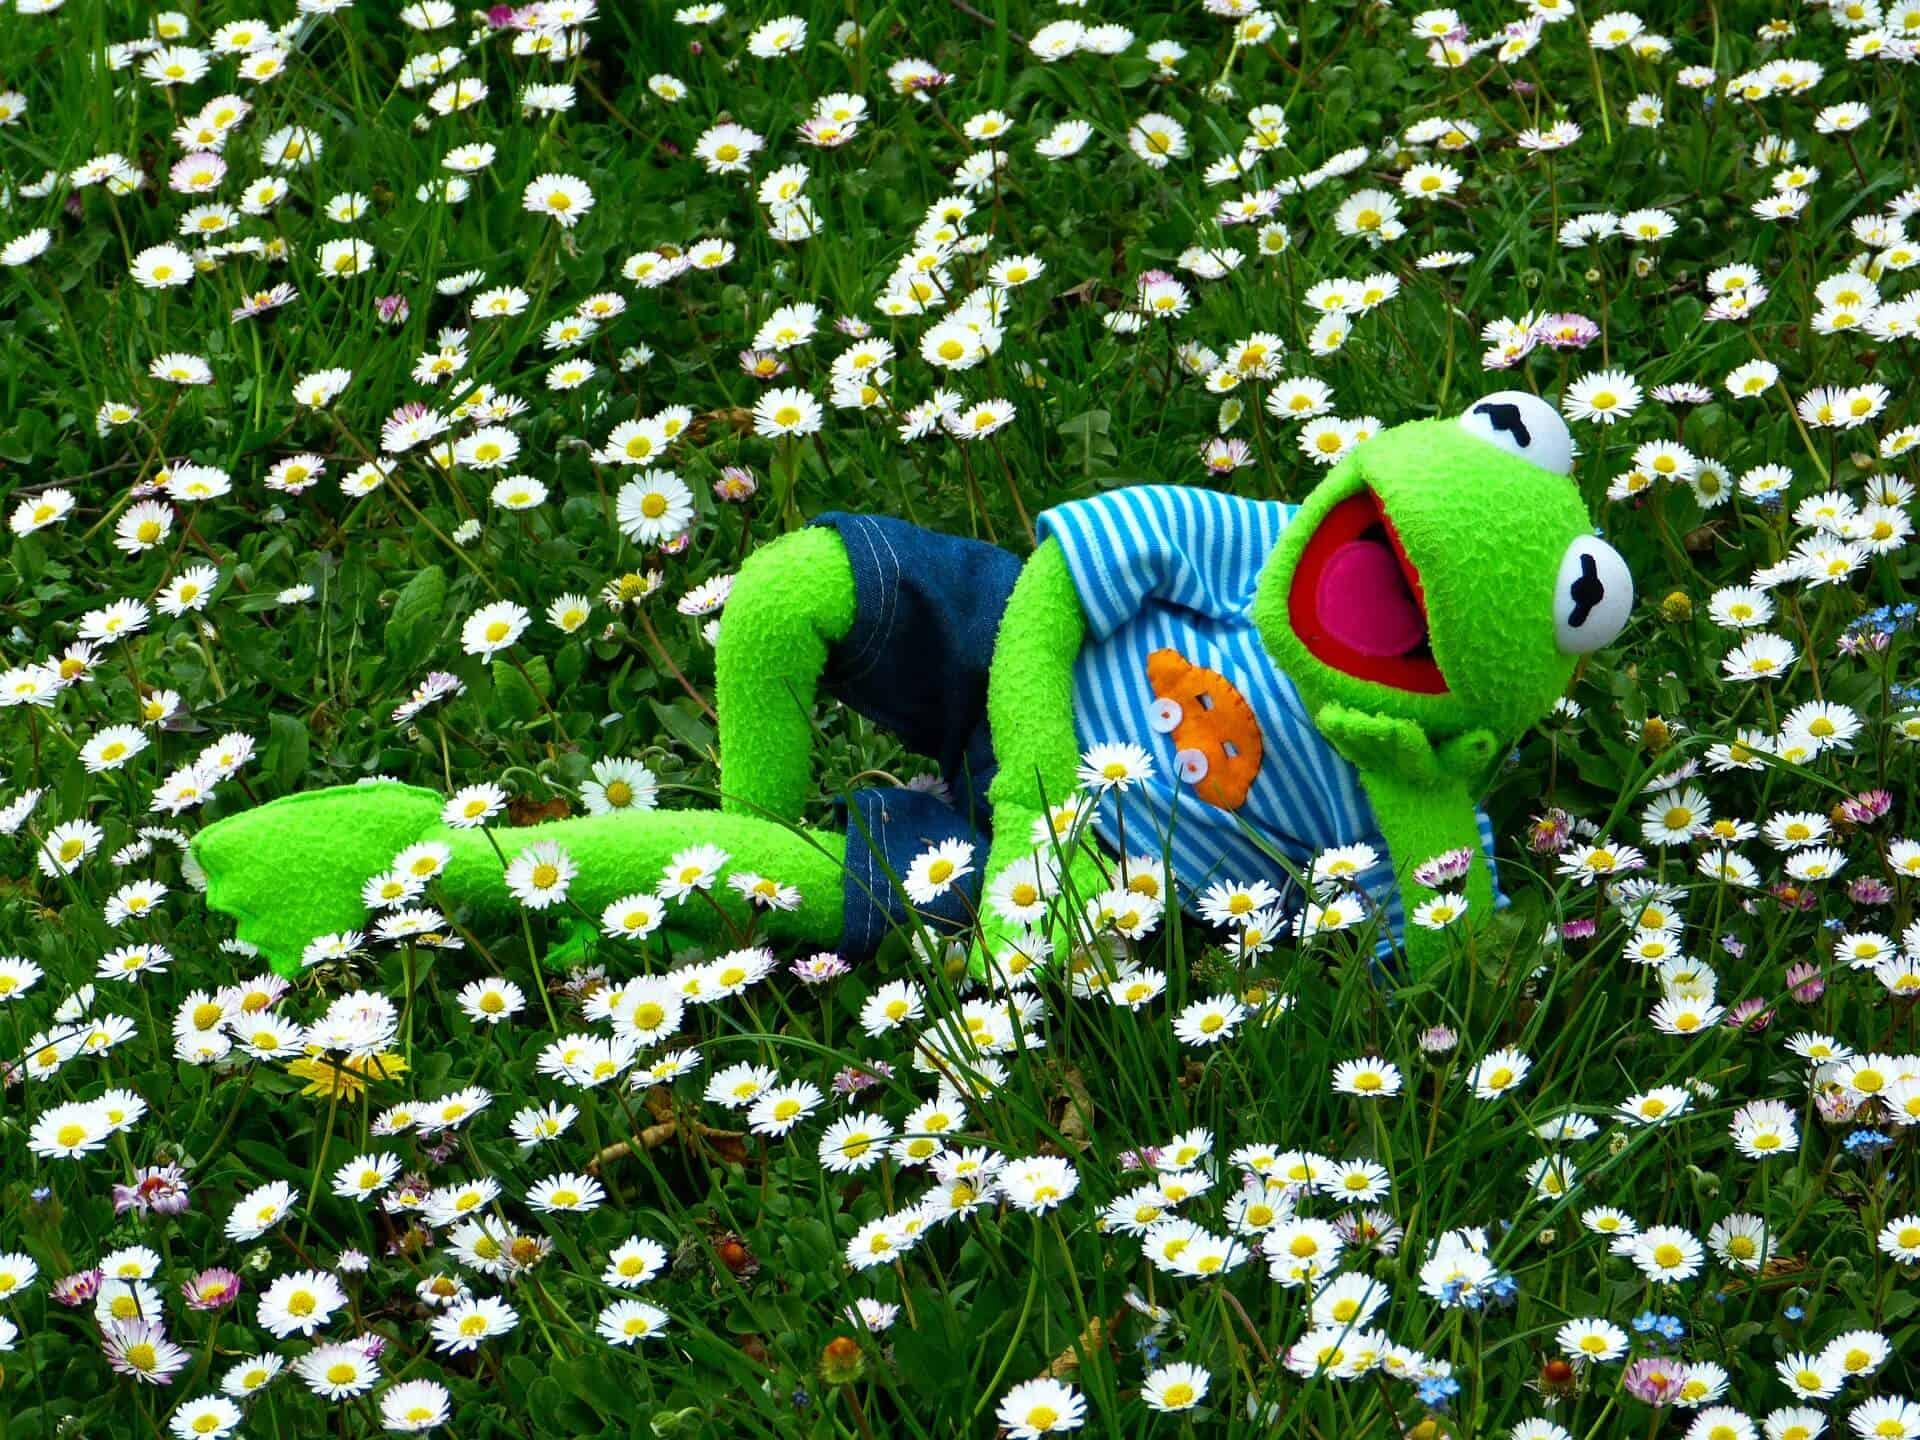 kikker liggend in het gras